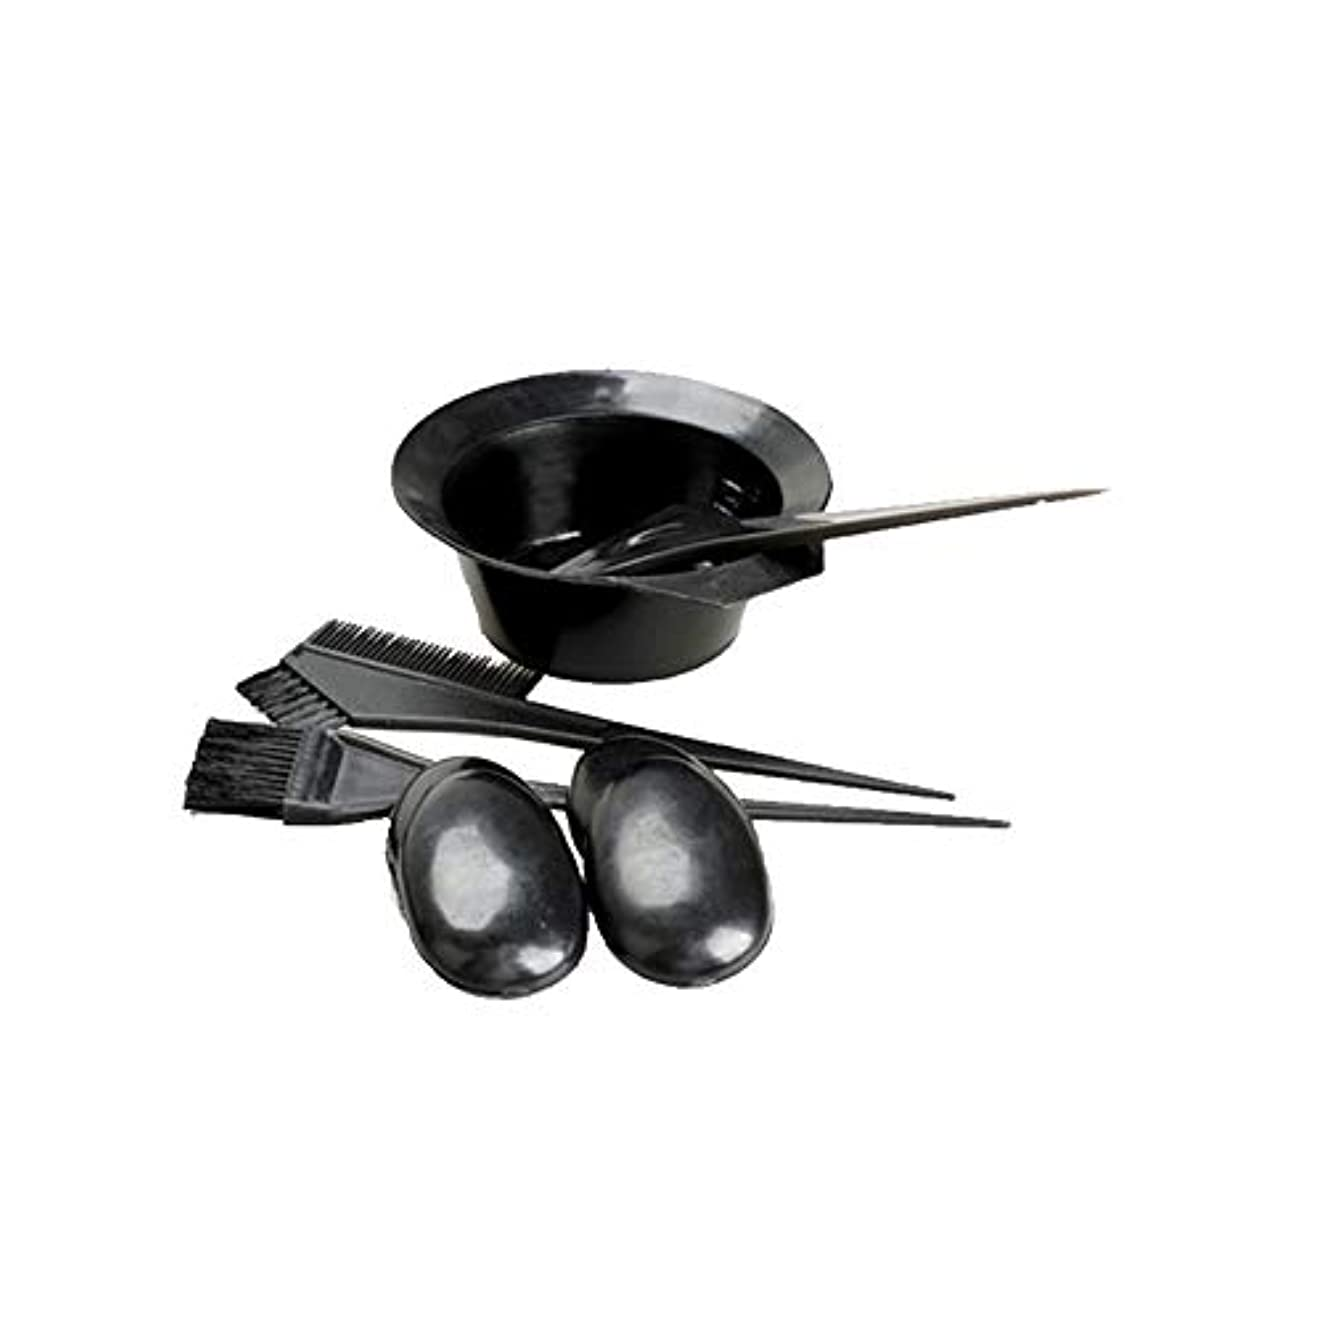 愛情ハリウッド記念日黒い髪の染料の色のトーンイットユアセルフツールキットセットの美容院の皿洗いの組み合わせを設定する5 /設定染毛剤キット